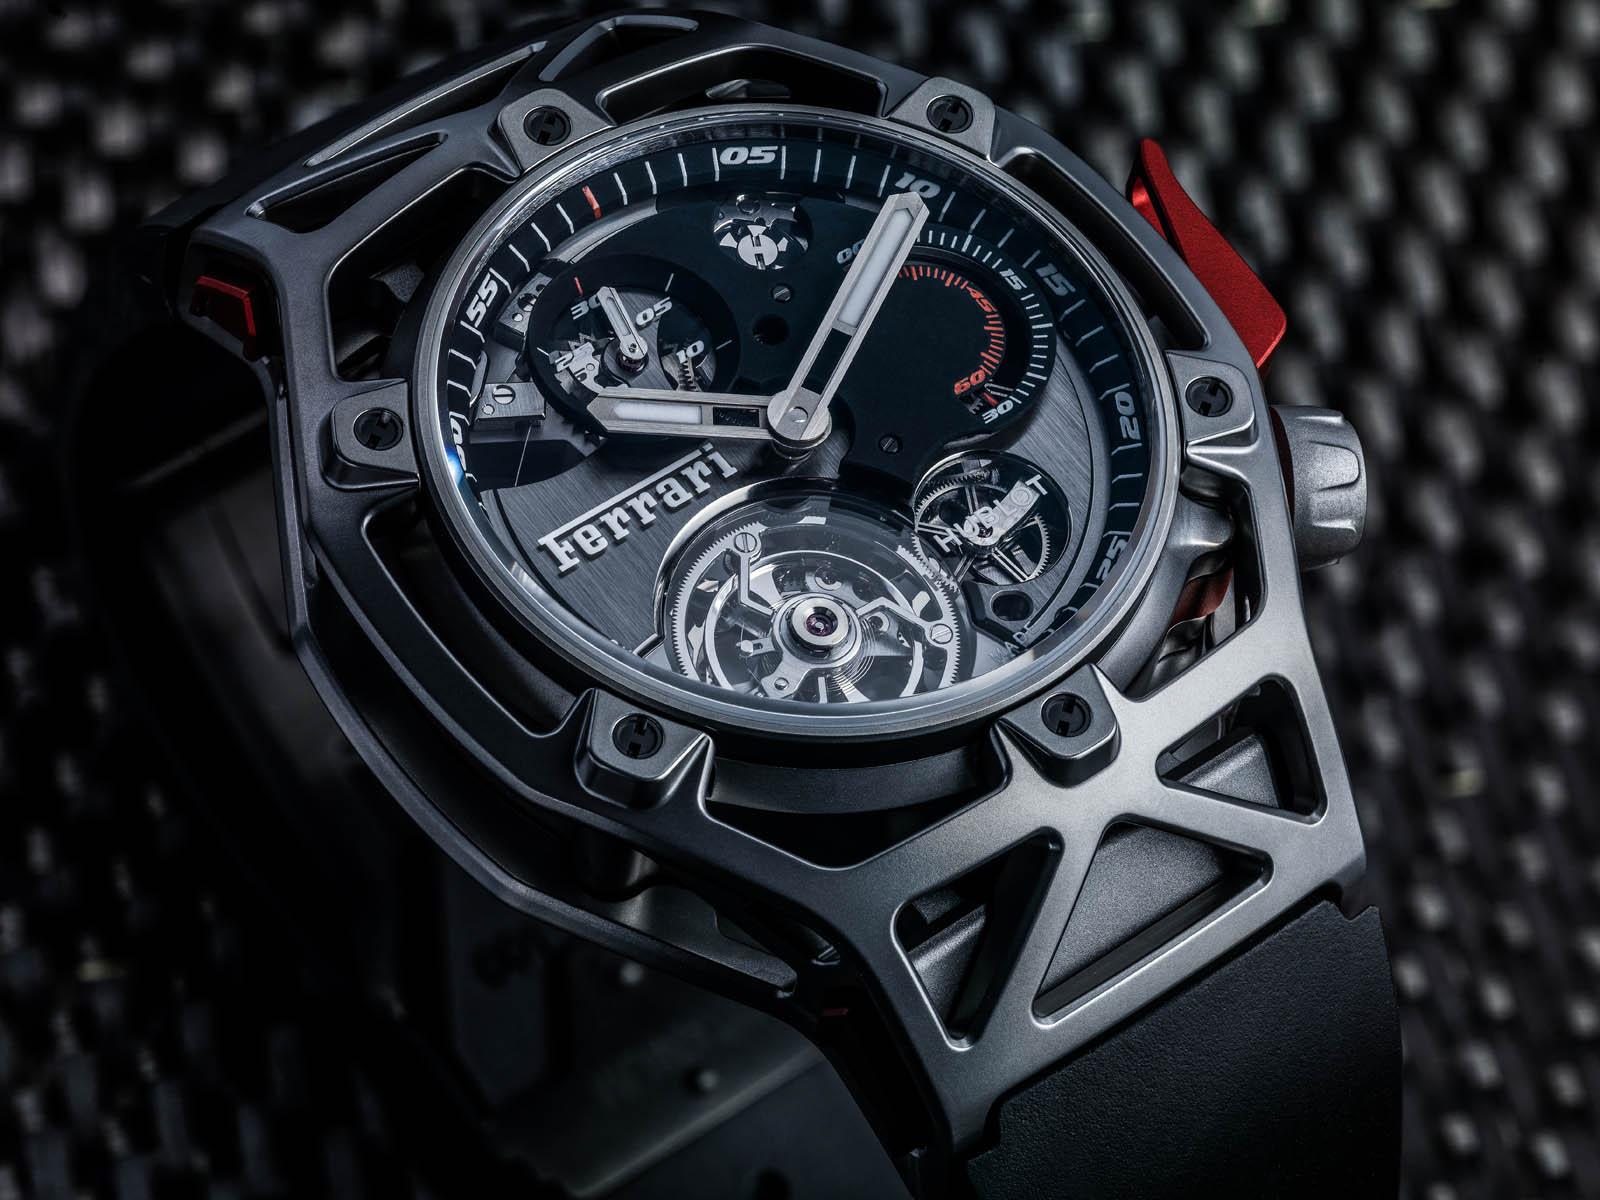 b625dbbab19 Este é o novo relógio da Ferrari feito pela Hublot! - Carzoom